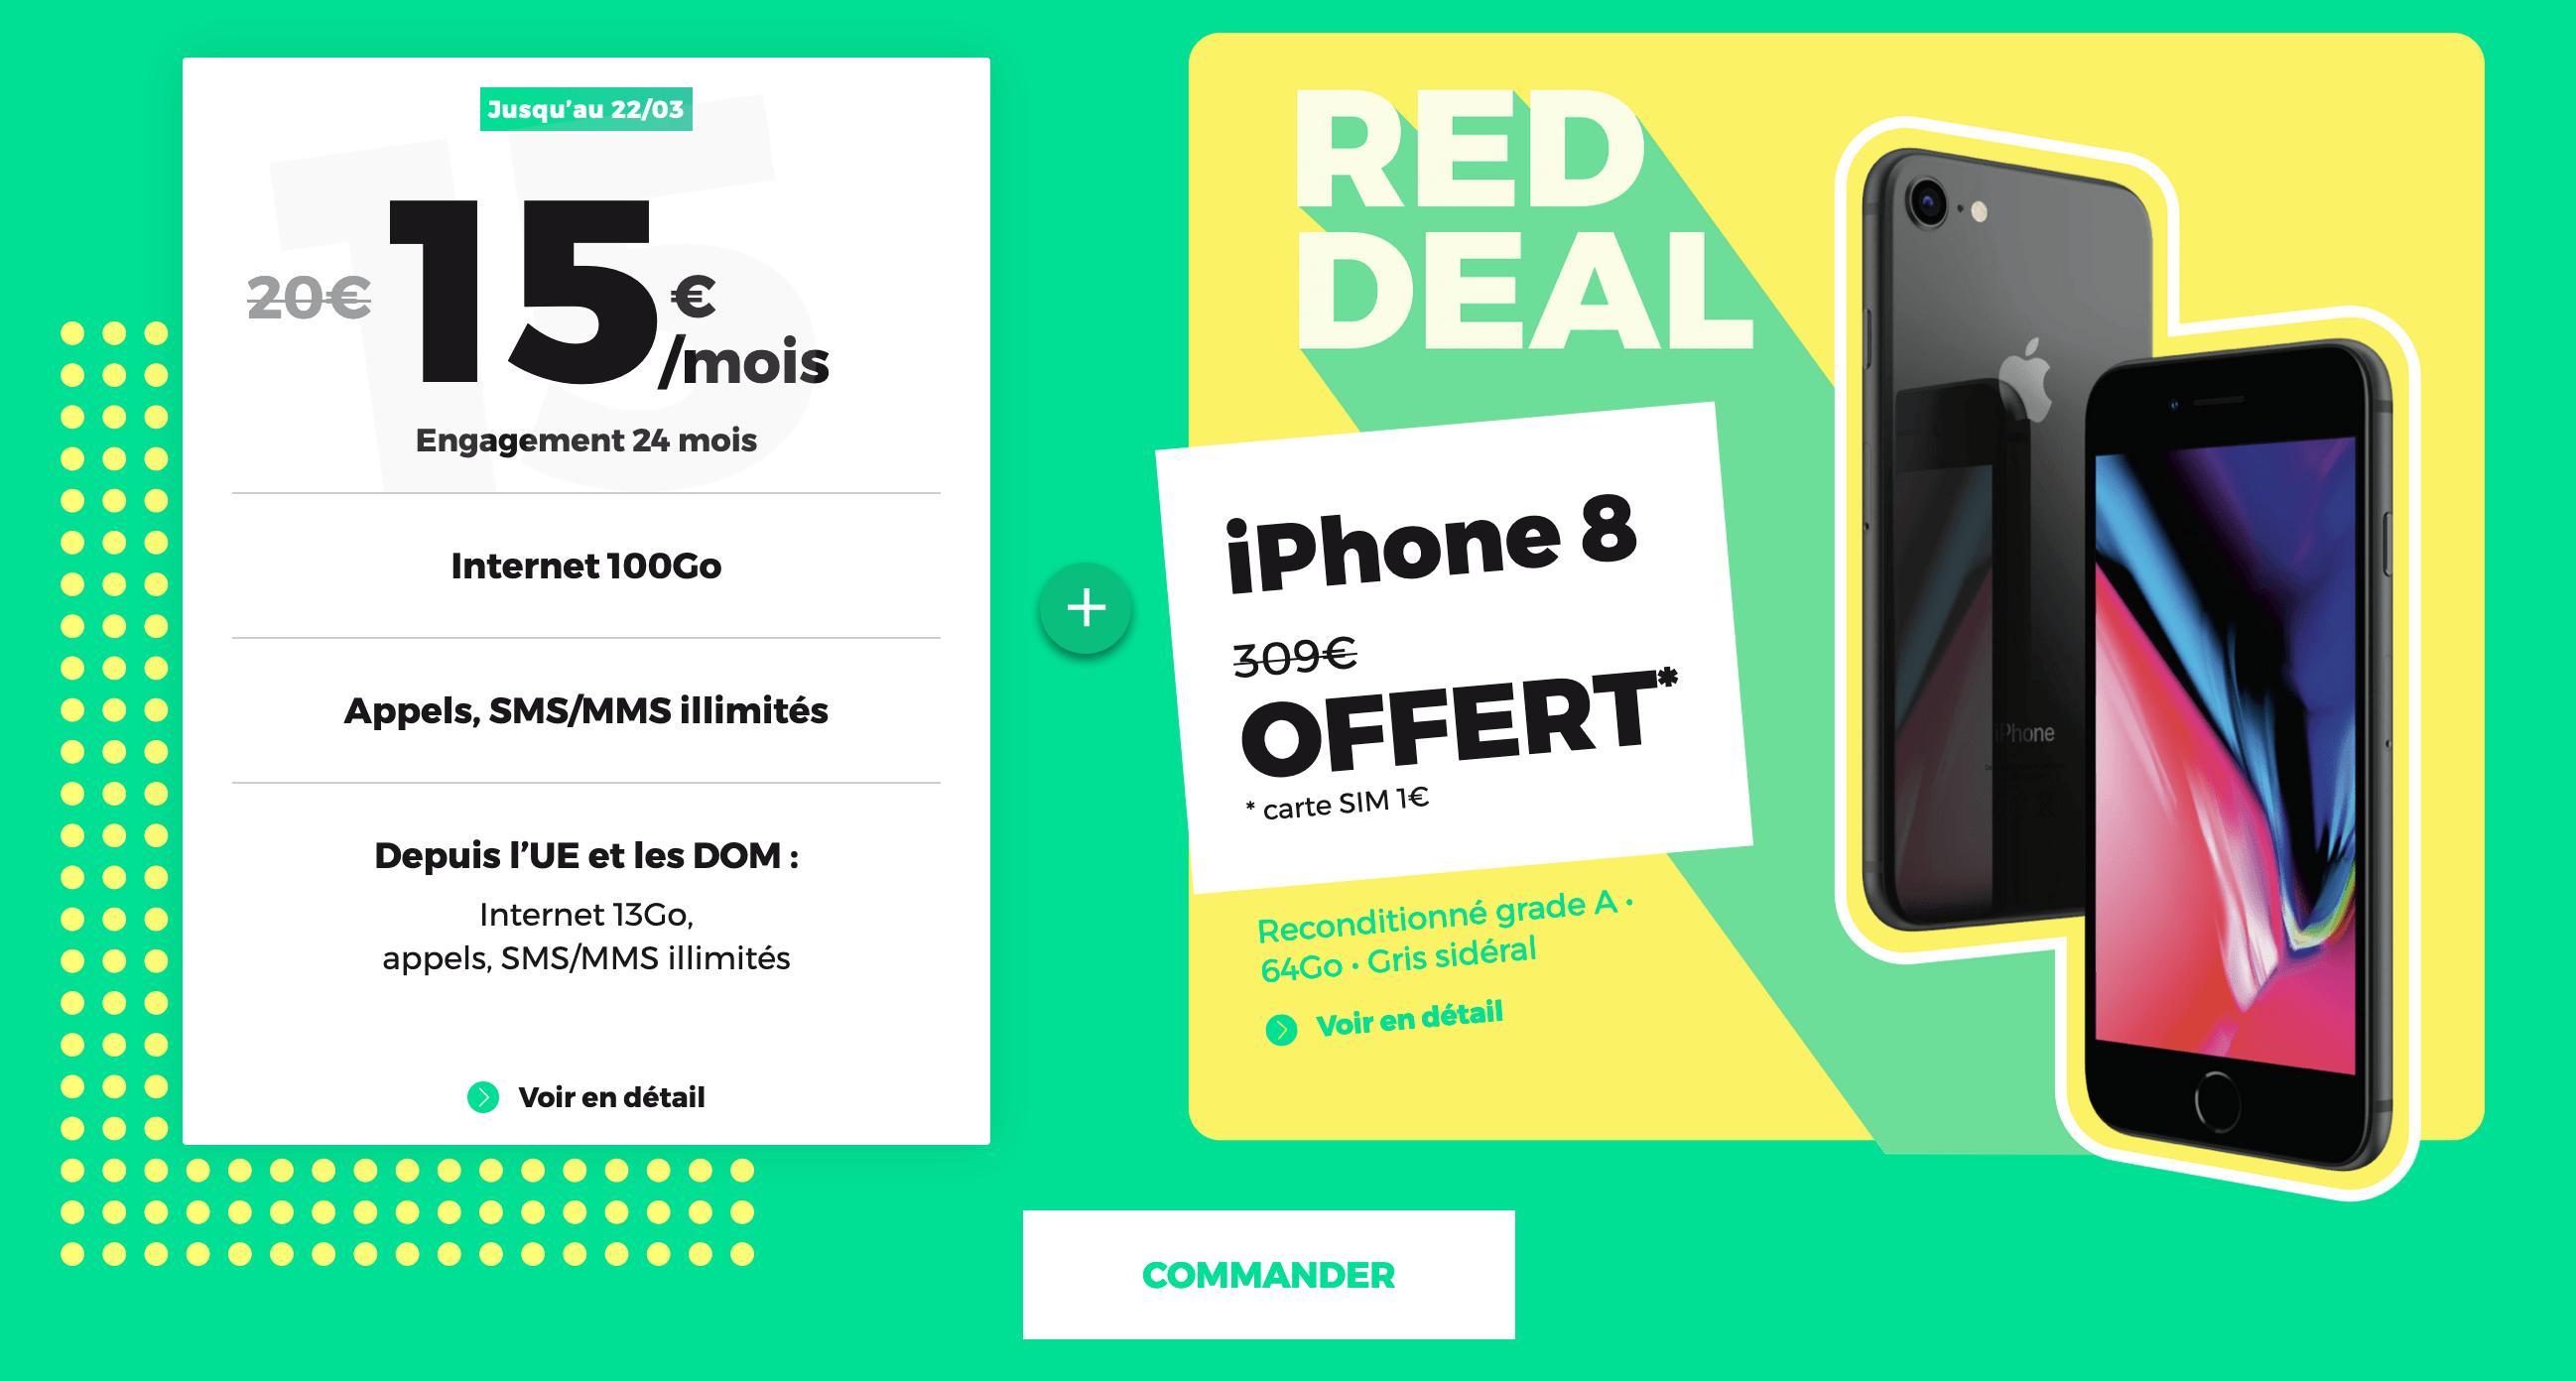 iPhone 8 offert